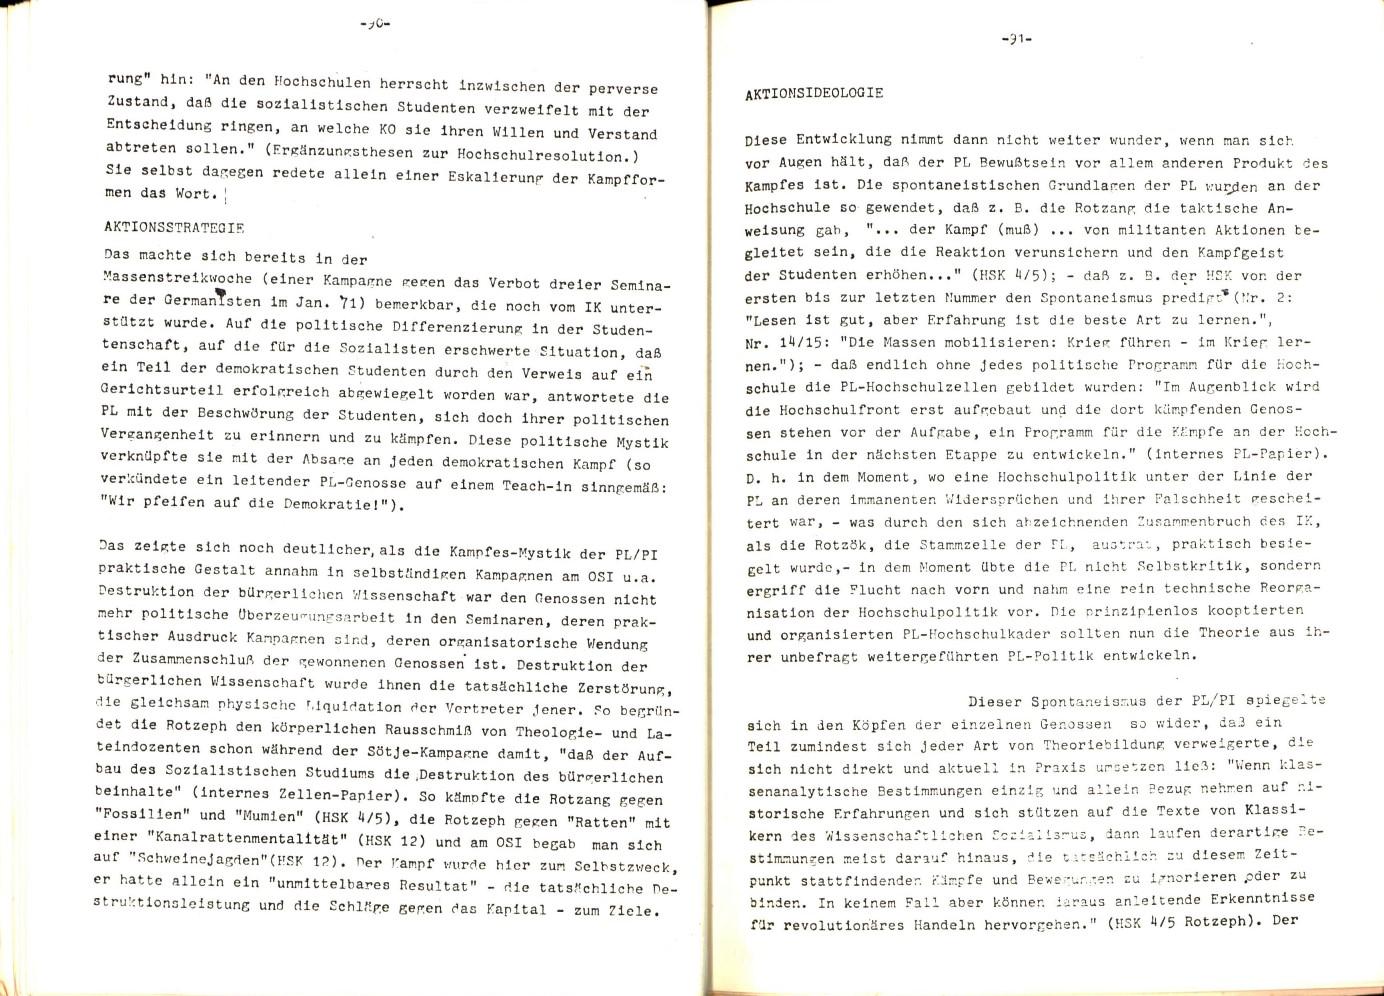 PLPI_1971_Aufloesung_48